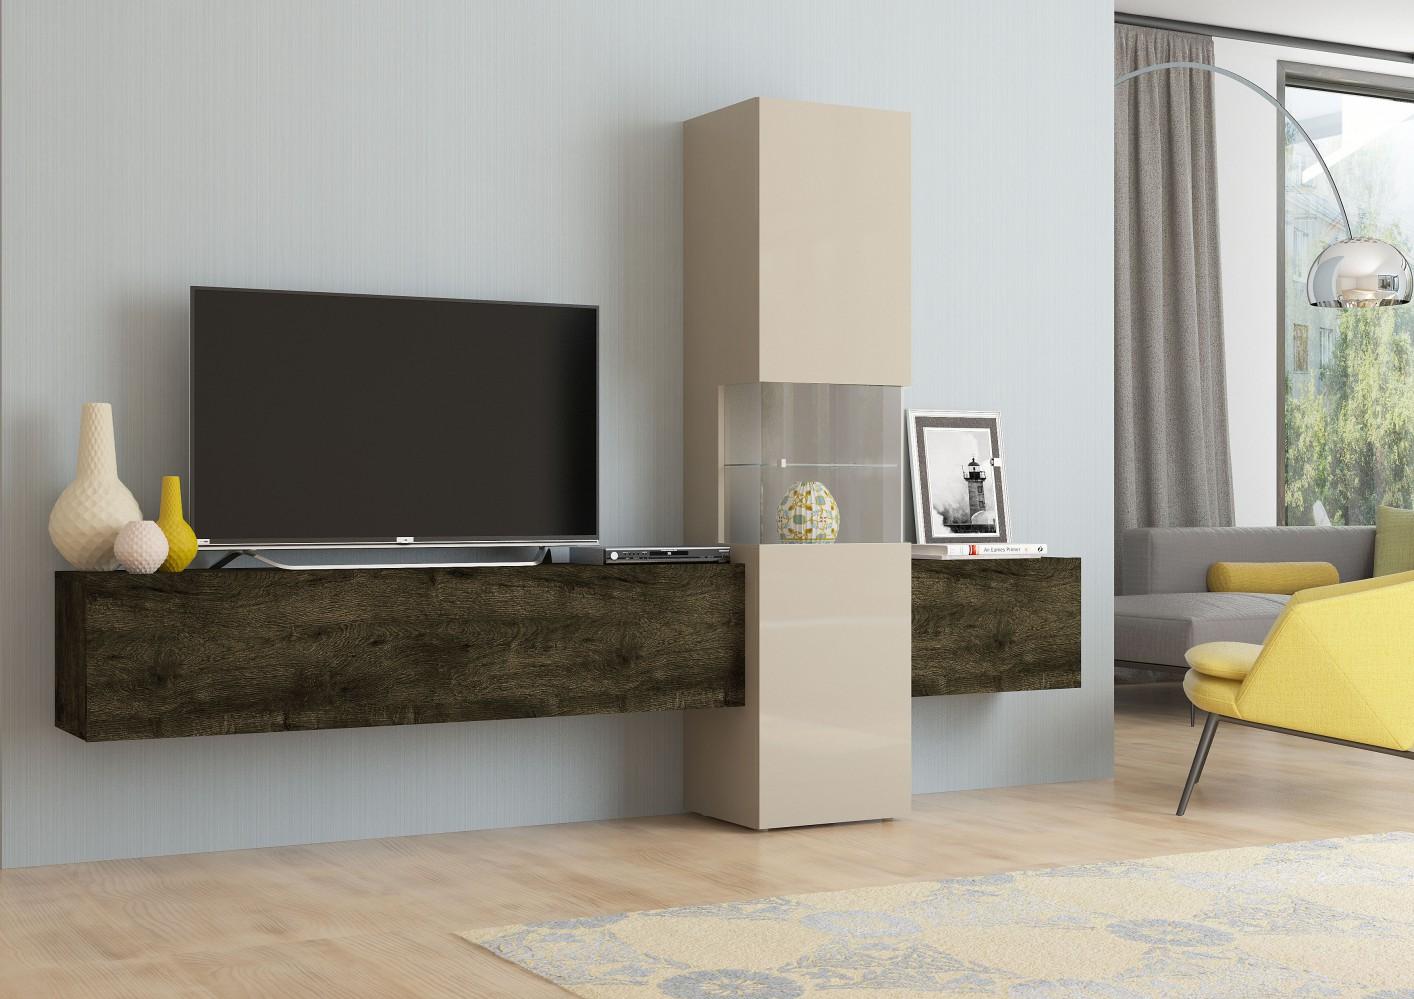 design wohnwand incontro wohnzimmerschrank tv schrank mediawand anbauwand italy ebay. Black Bedroom Furniture Sets. Home Design Ideas